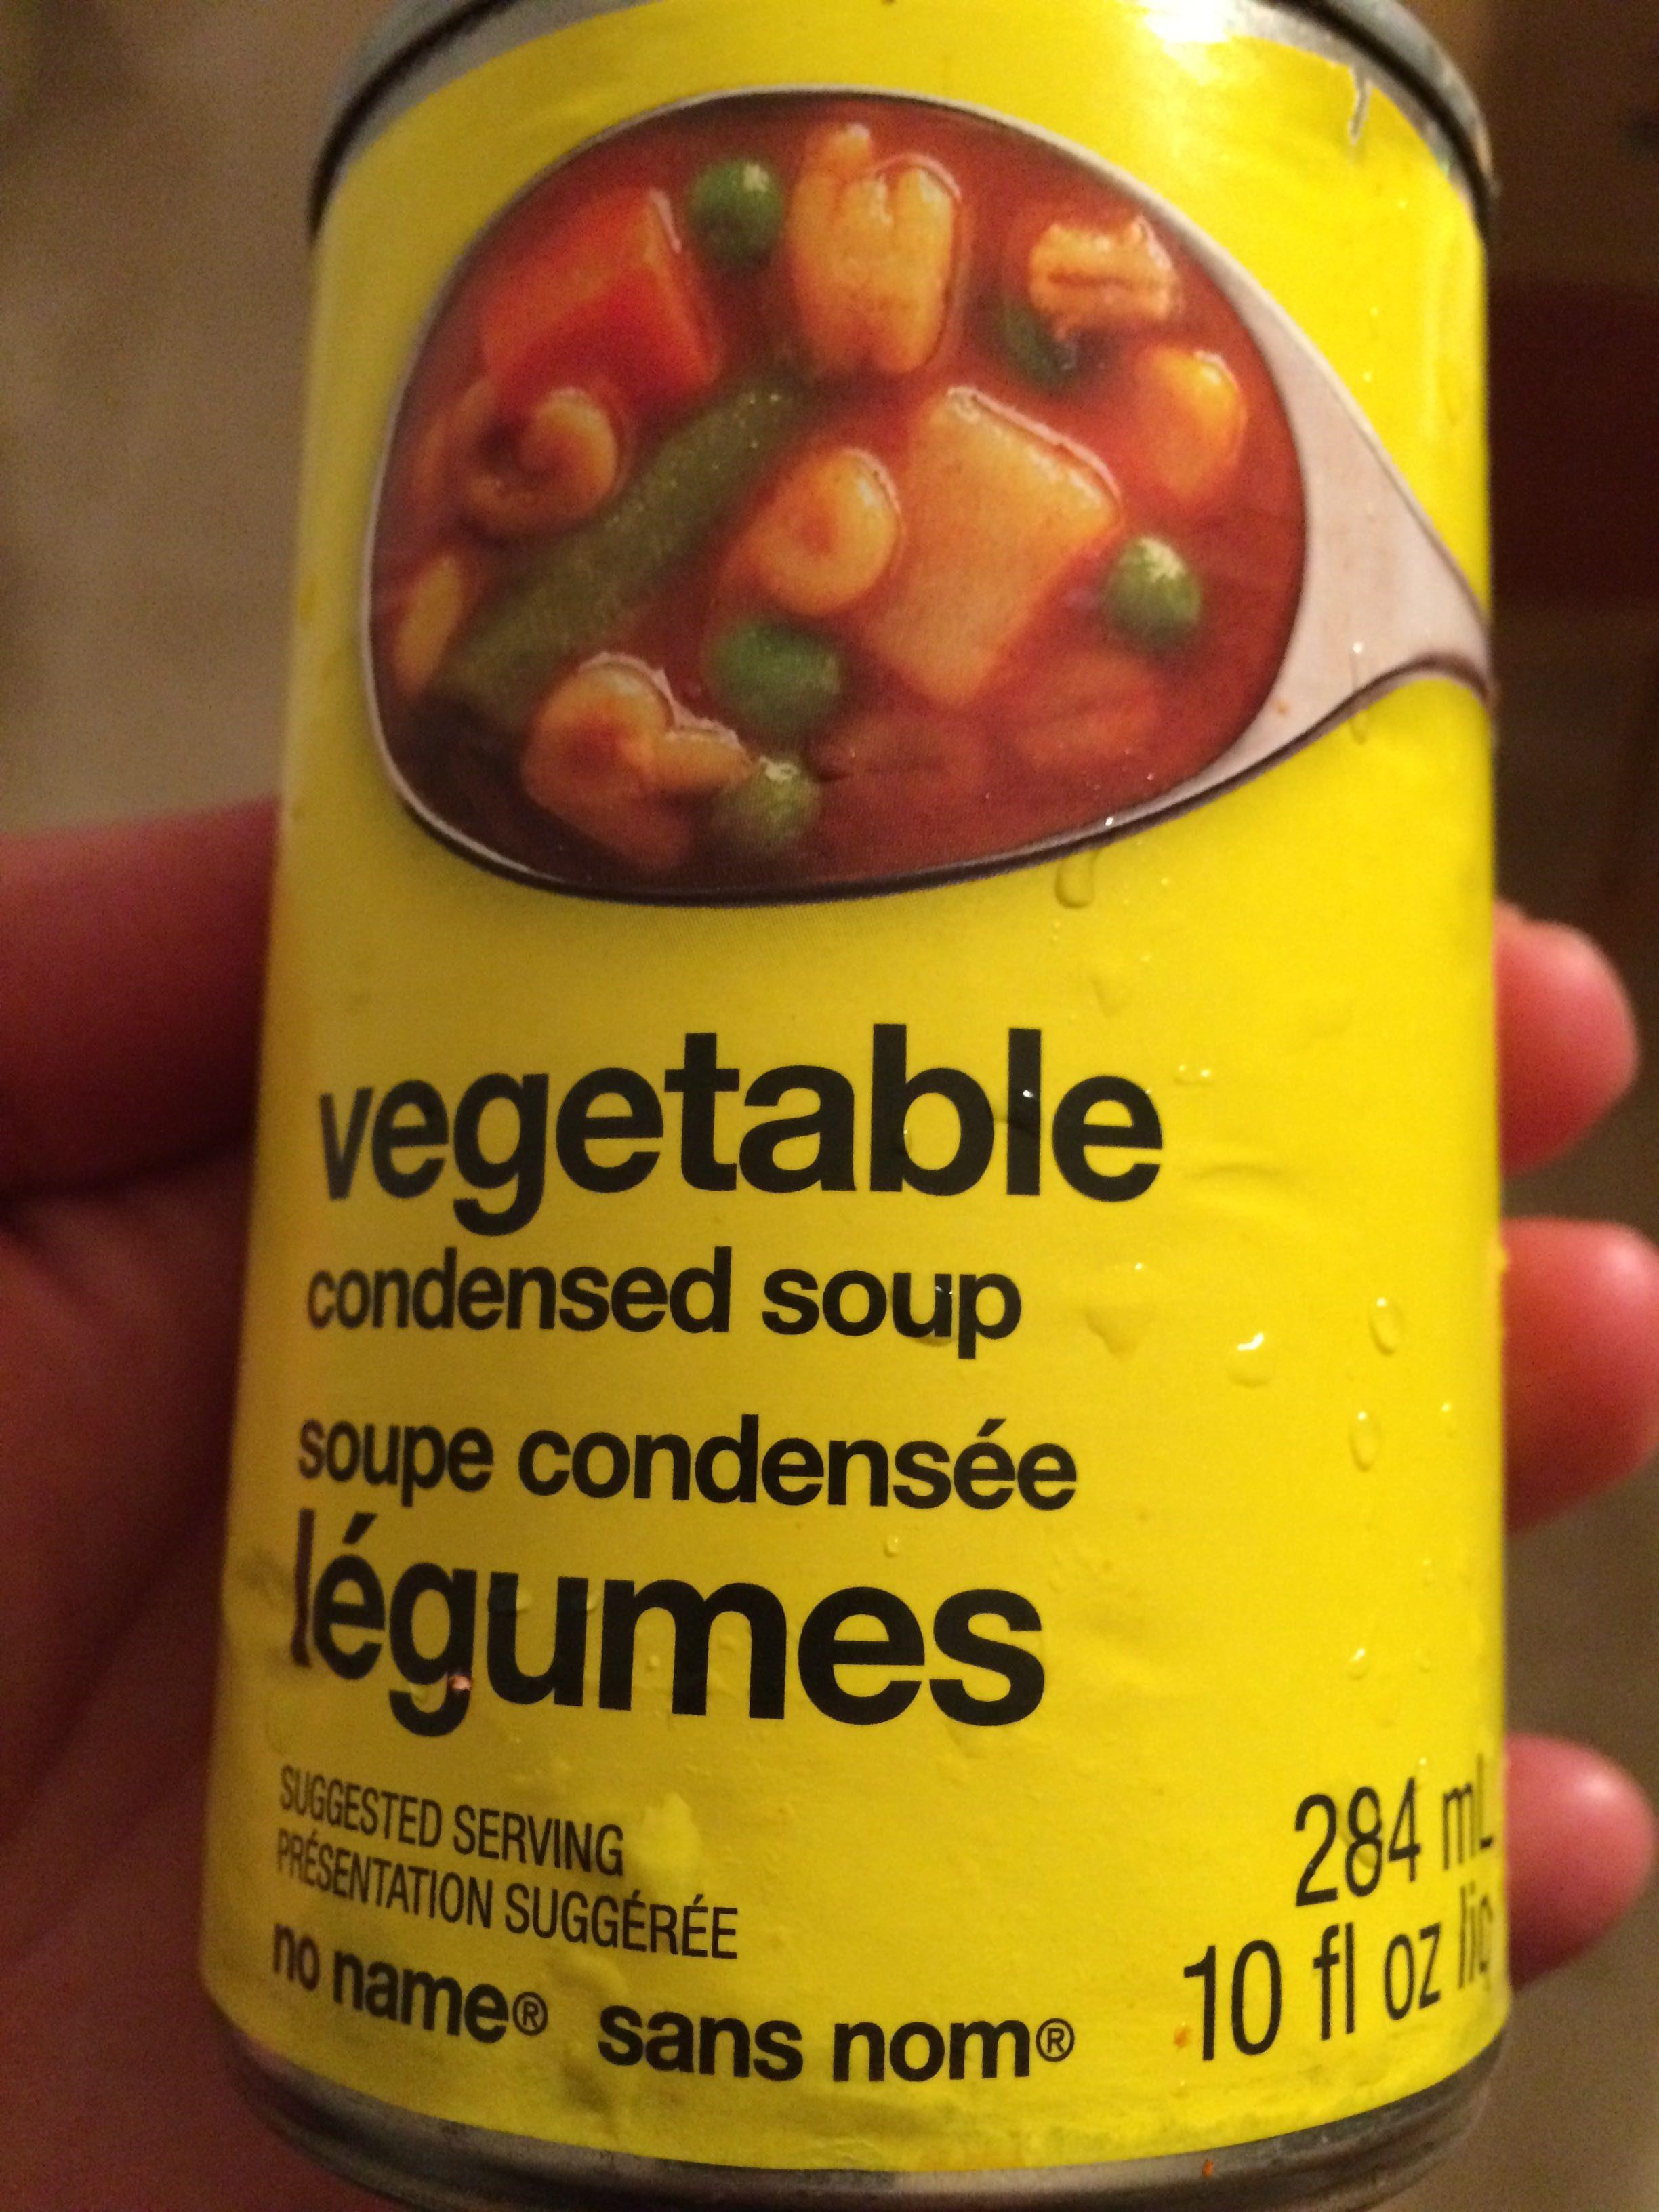 Soupe condensée légumes - Product - fr